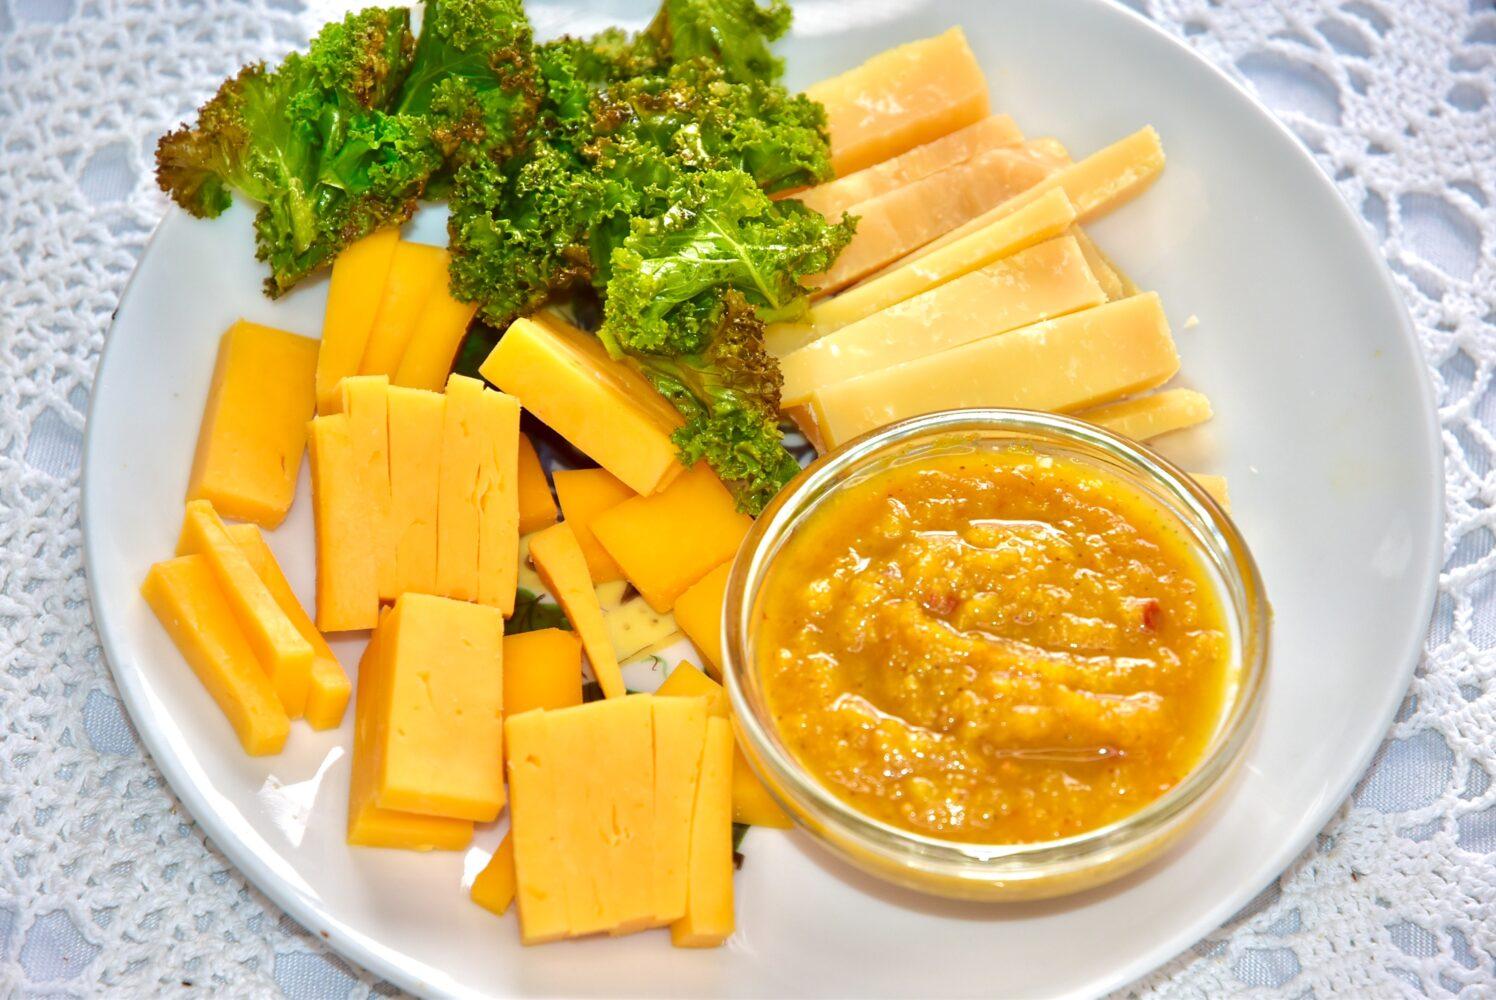 Kõrvitsa retsept Golden Stevia Kõrvitsa chilli moos juustu kõrvale